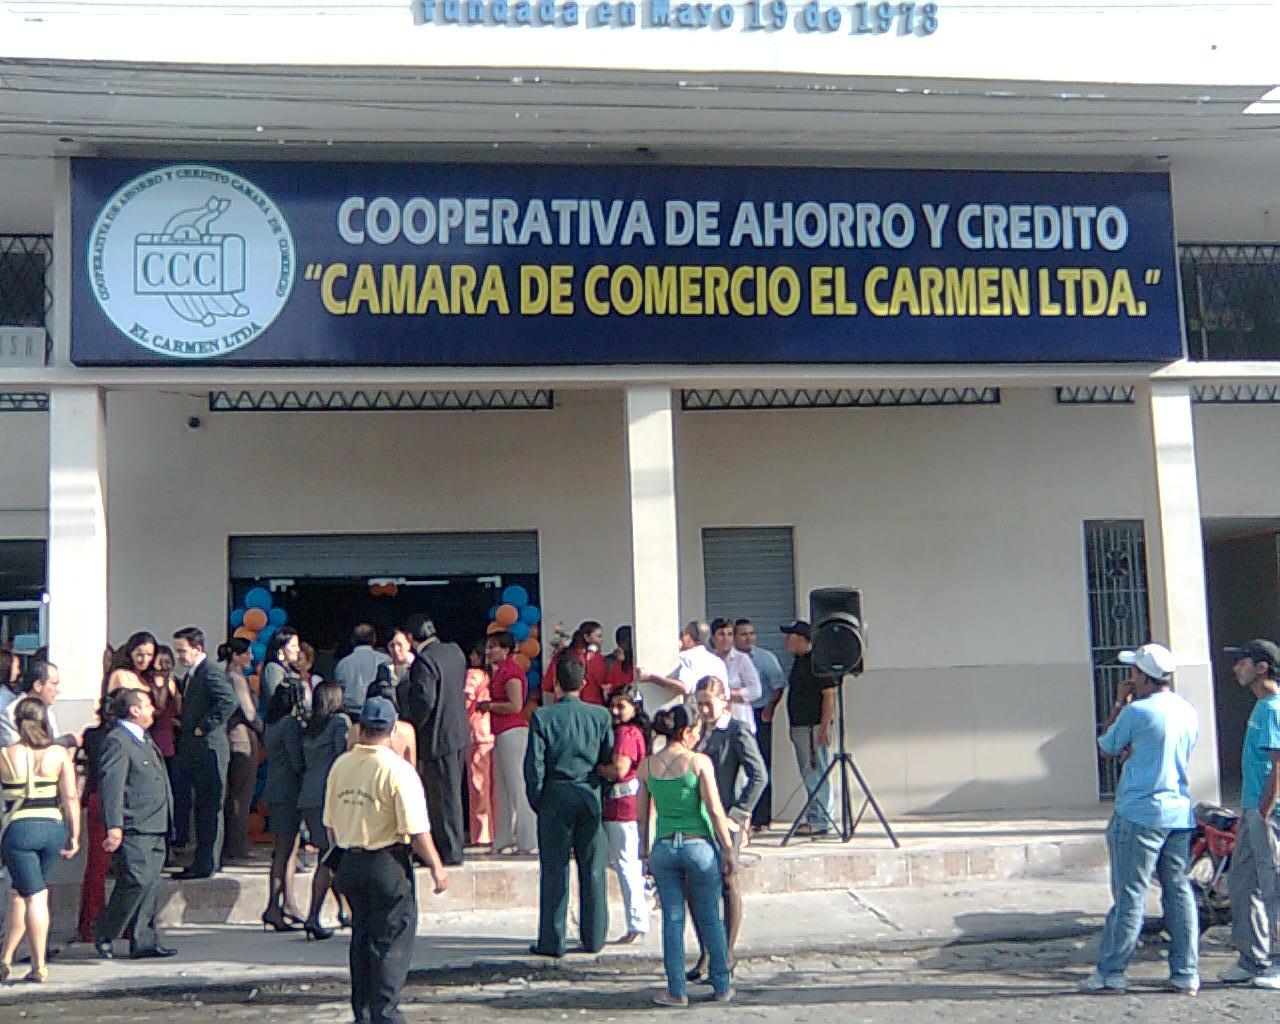 Cooperativa De Ahorro Y Credito De Cabo Rojo